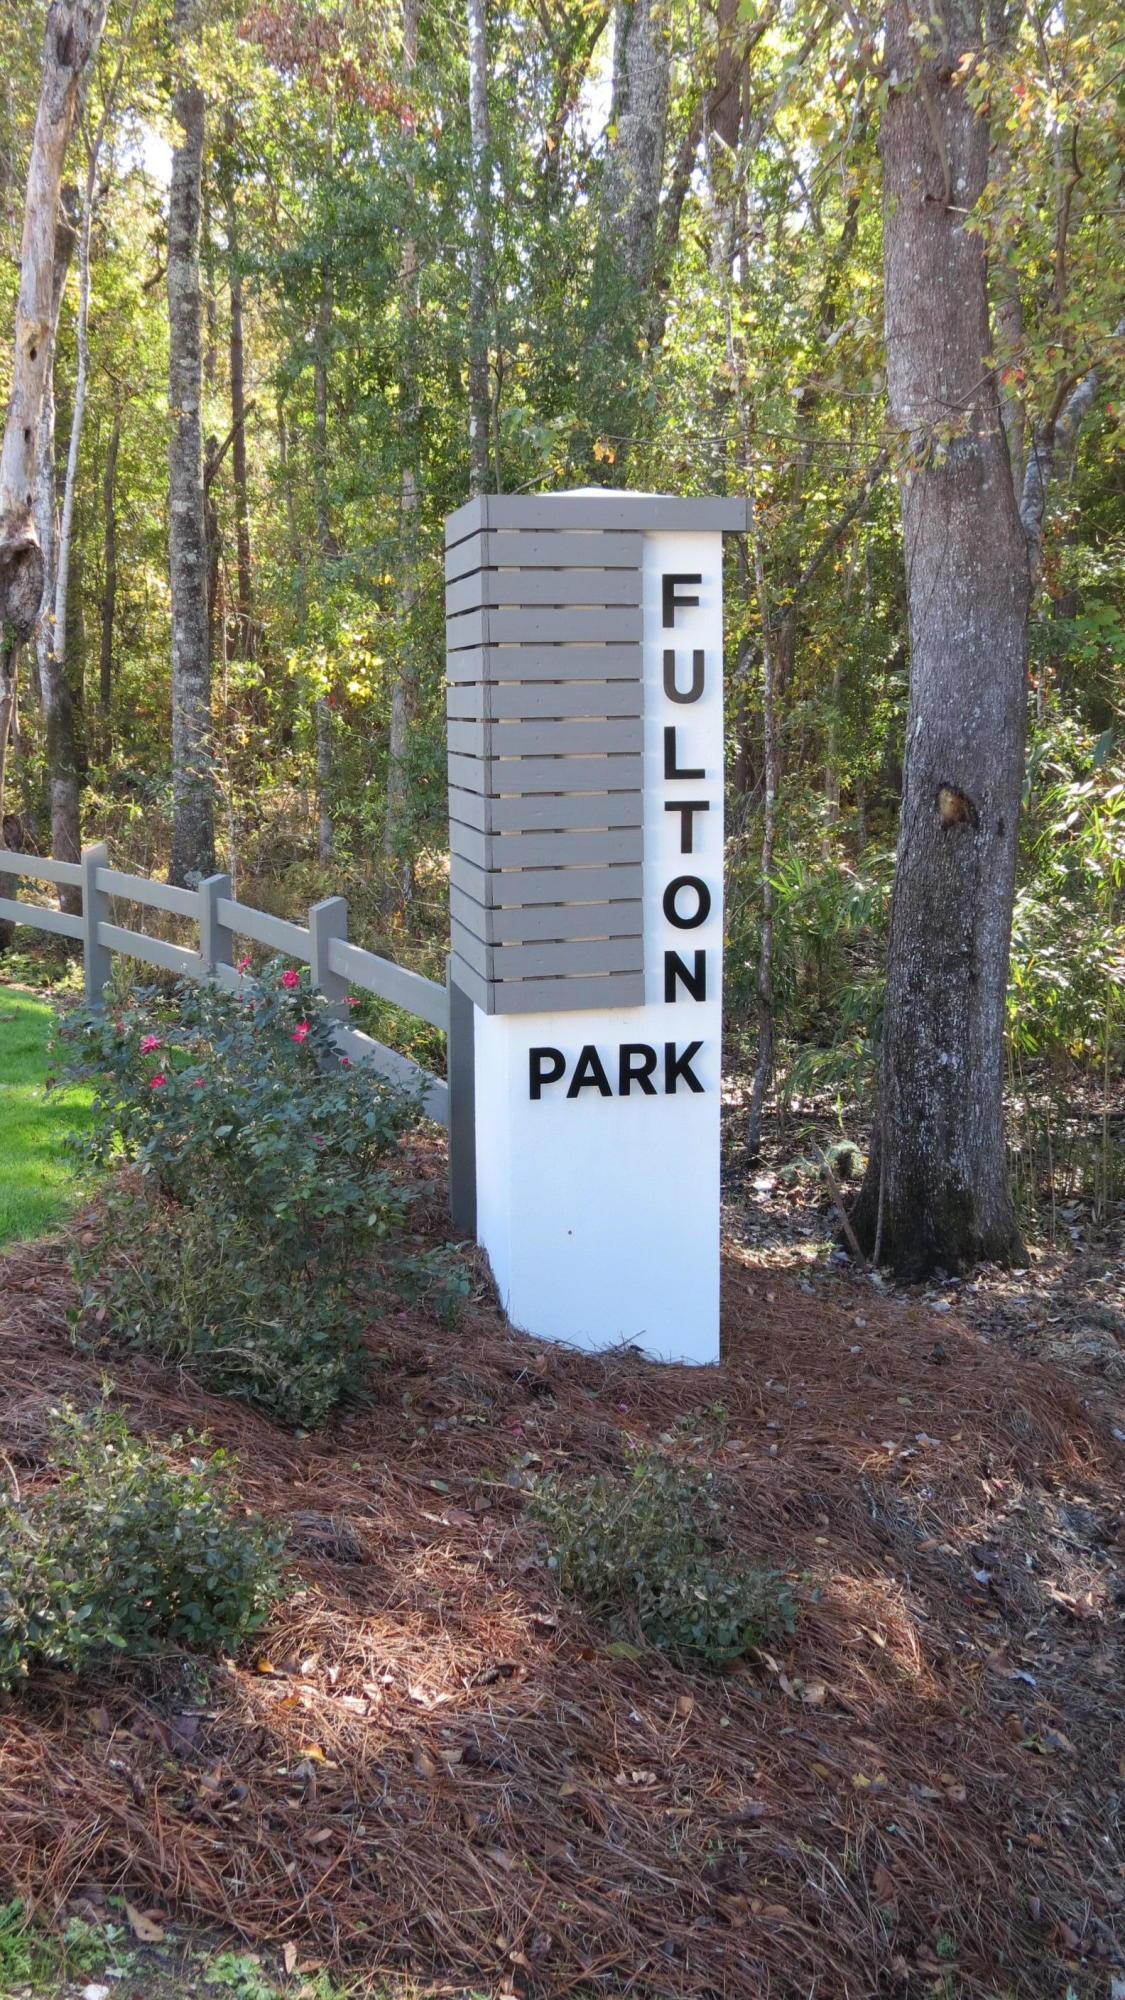 Fulton Park Homes For Sale - 2428 Giles, Mount Pleasant, SC - 0